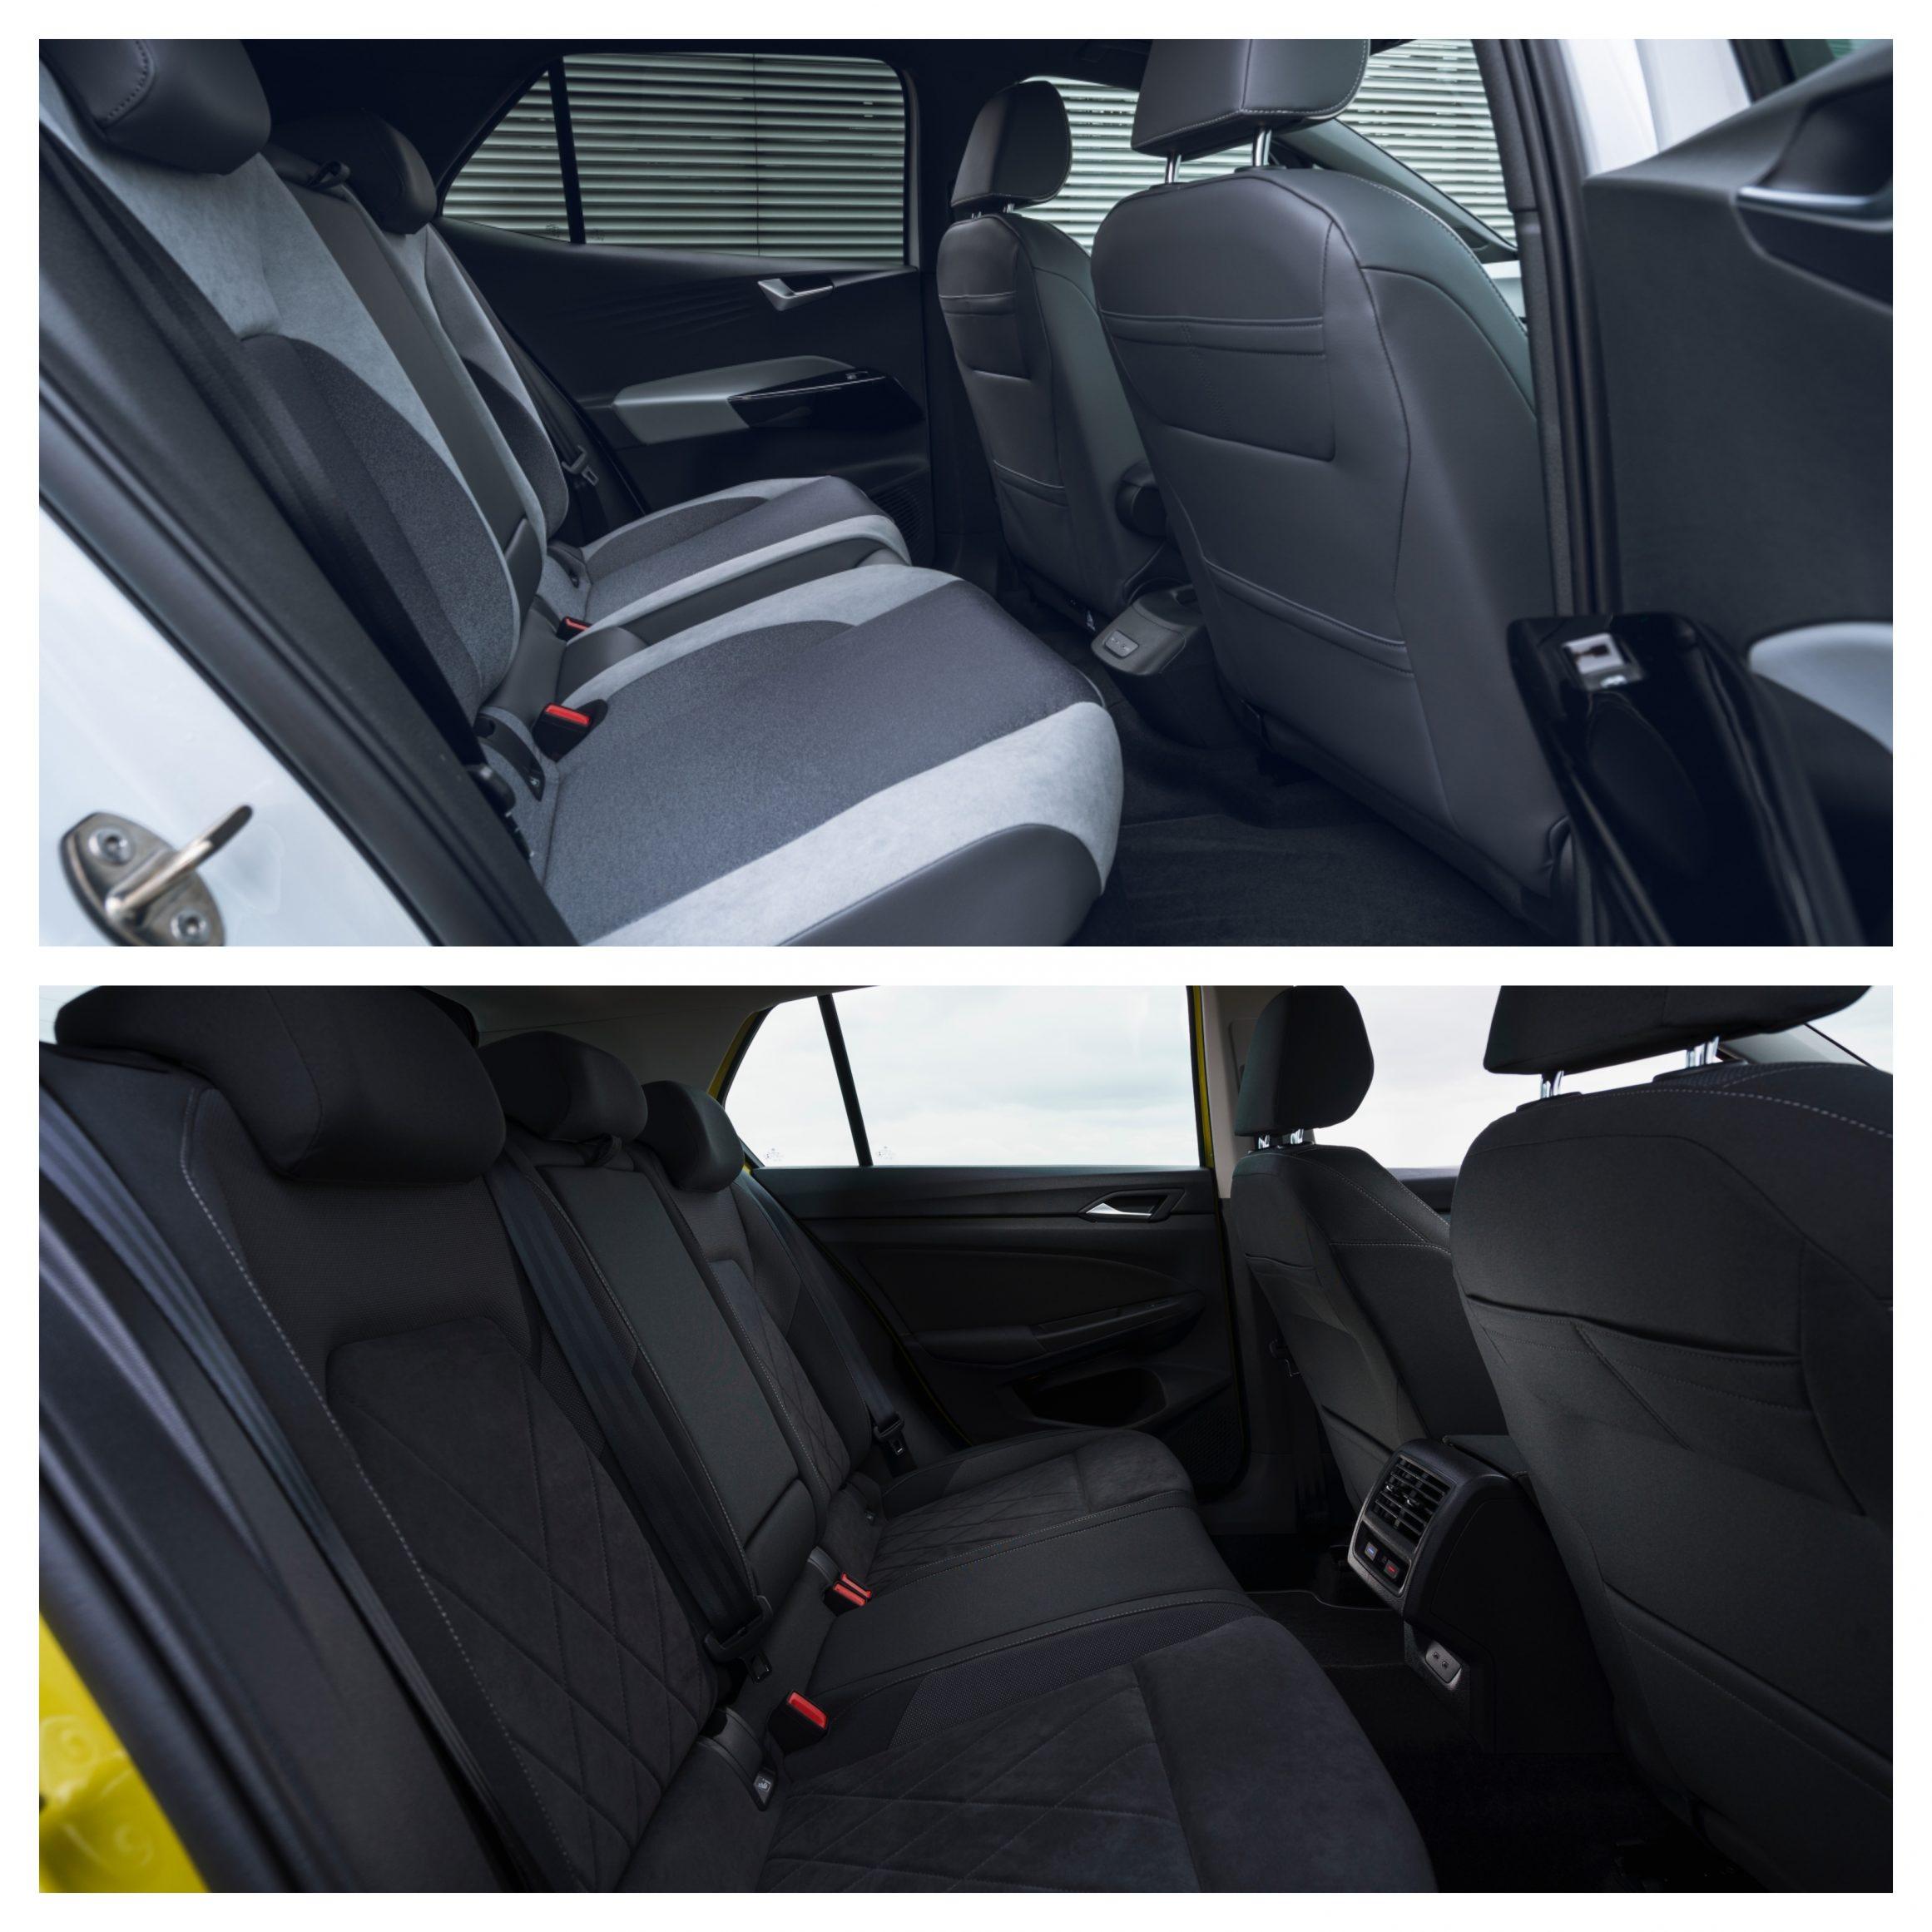 Volkswagen ID.3 Vs Volkswagen Golf - interior space